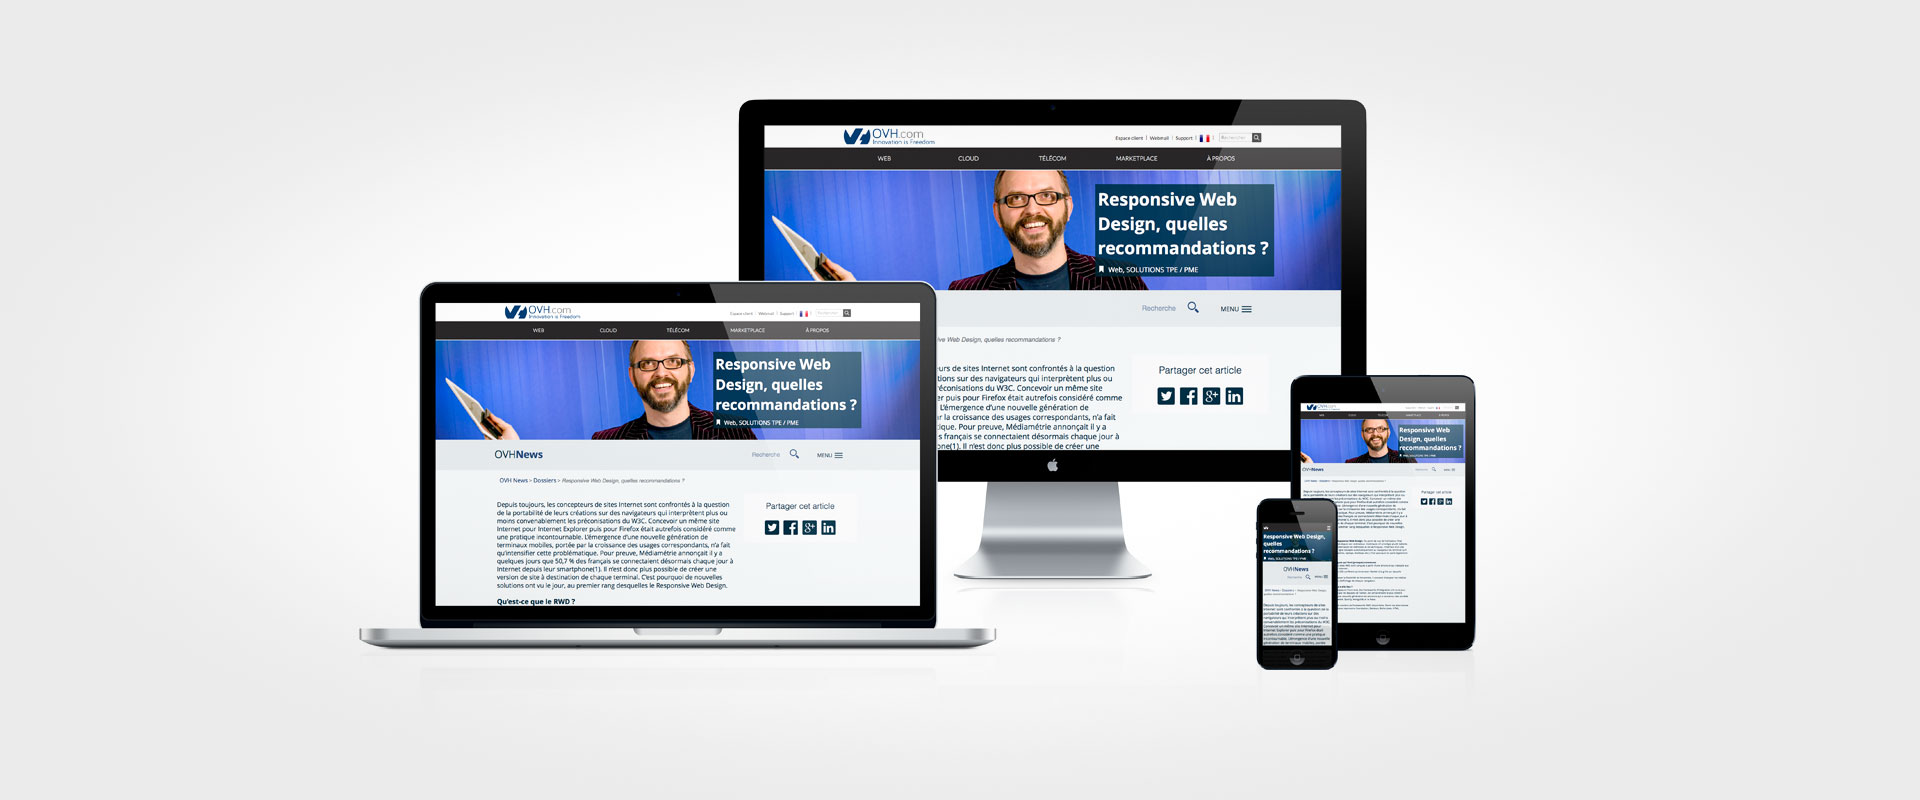 Responsive Web Design, comment bien démarrer ?